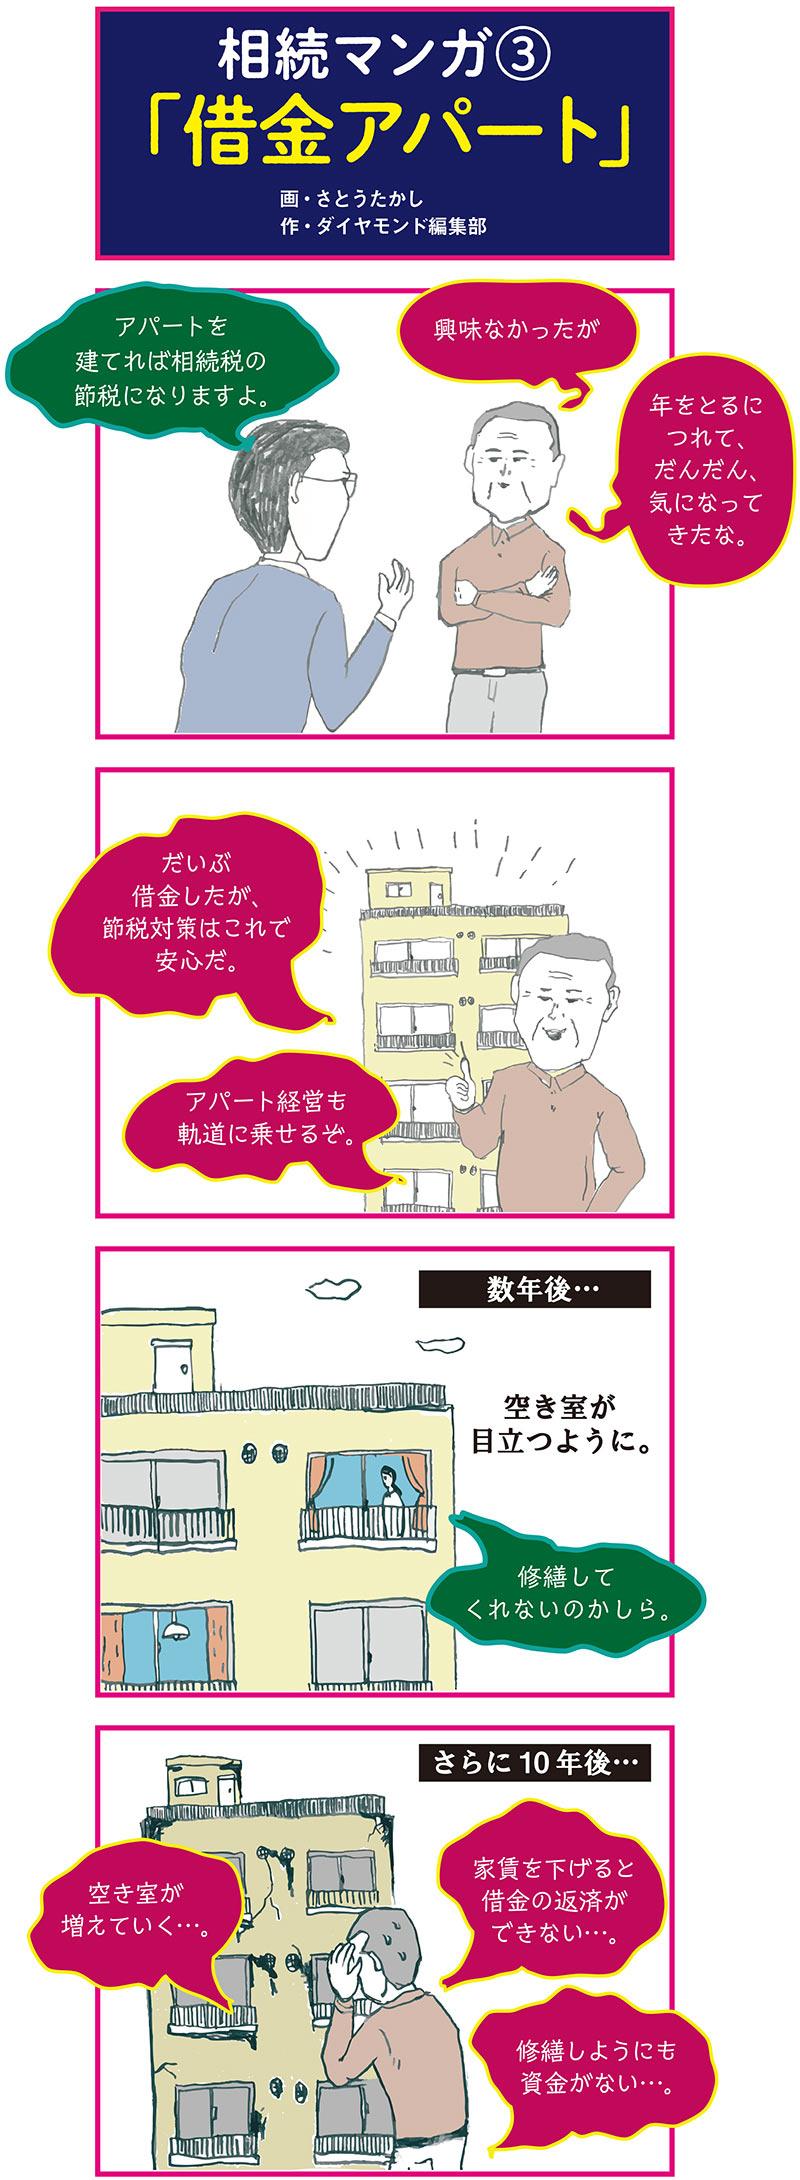 相続マンガ第3回「借金アパート」